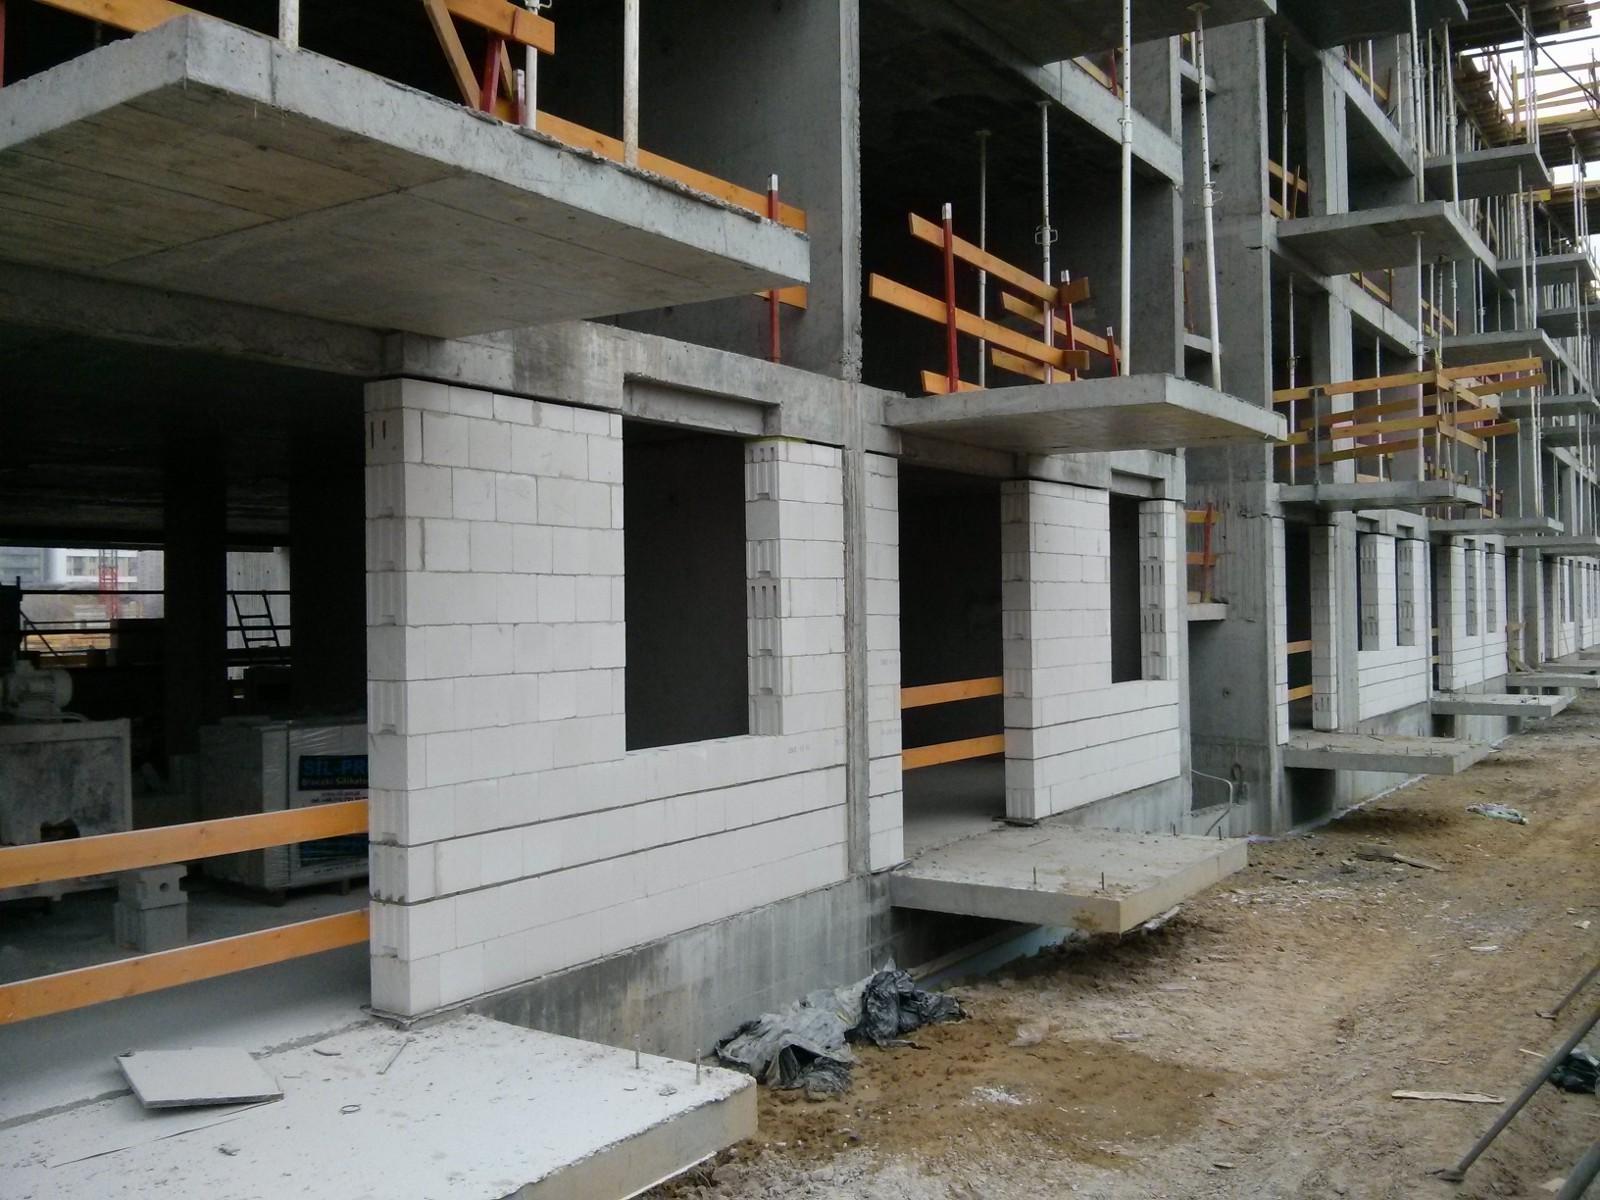 Murowanie ścian zewnętrznych silikatowych w nowych Czyżynach